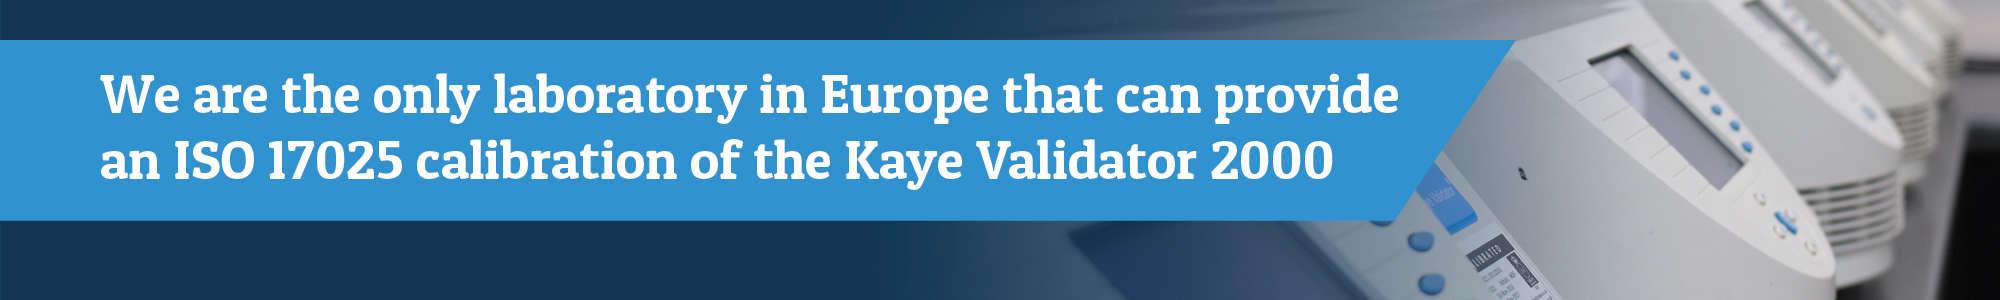 Kaye validator 2000 calibration, UKAS calibration